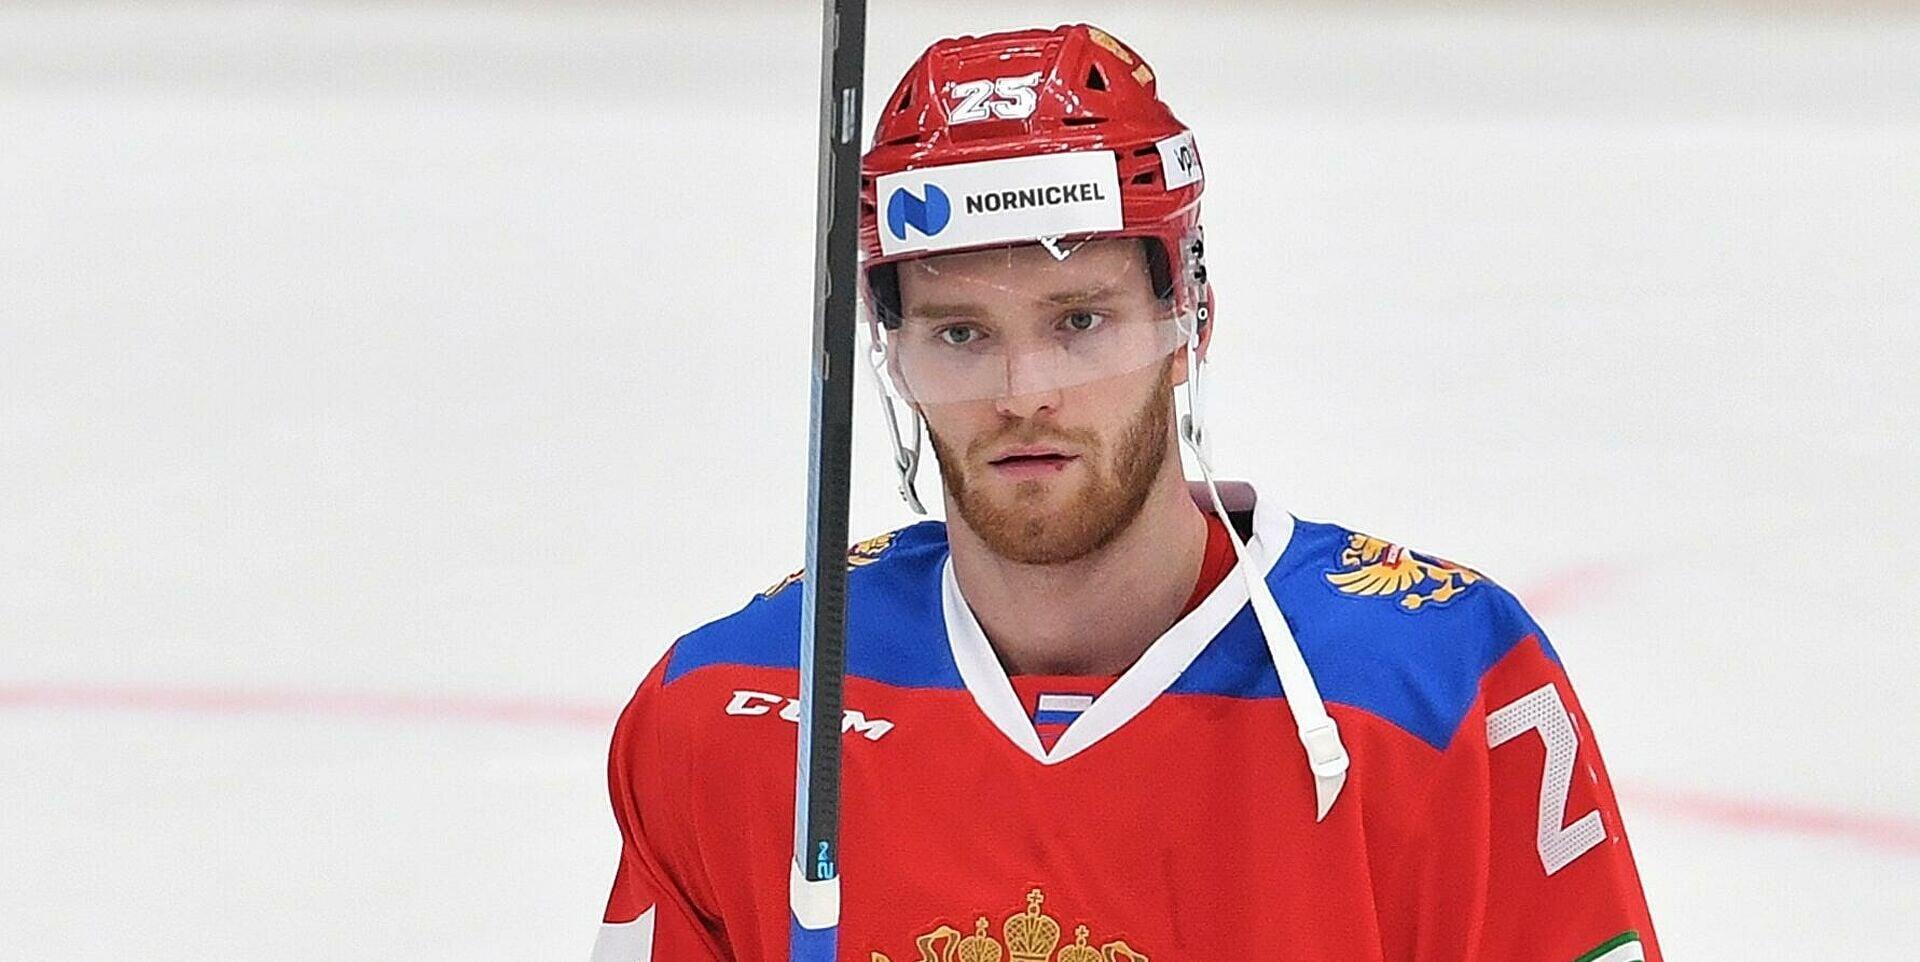 ЦСКА подписал контракт с Григоренко на 3 года и 210 млн рублей (Metaratings)